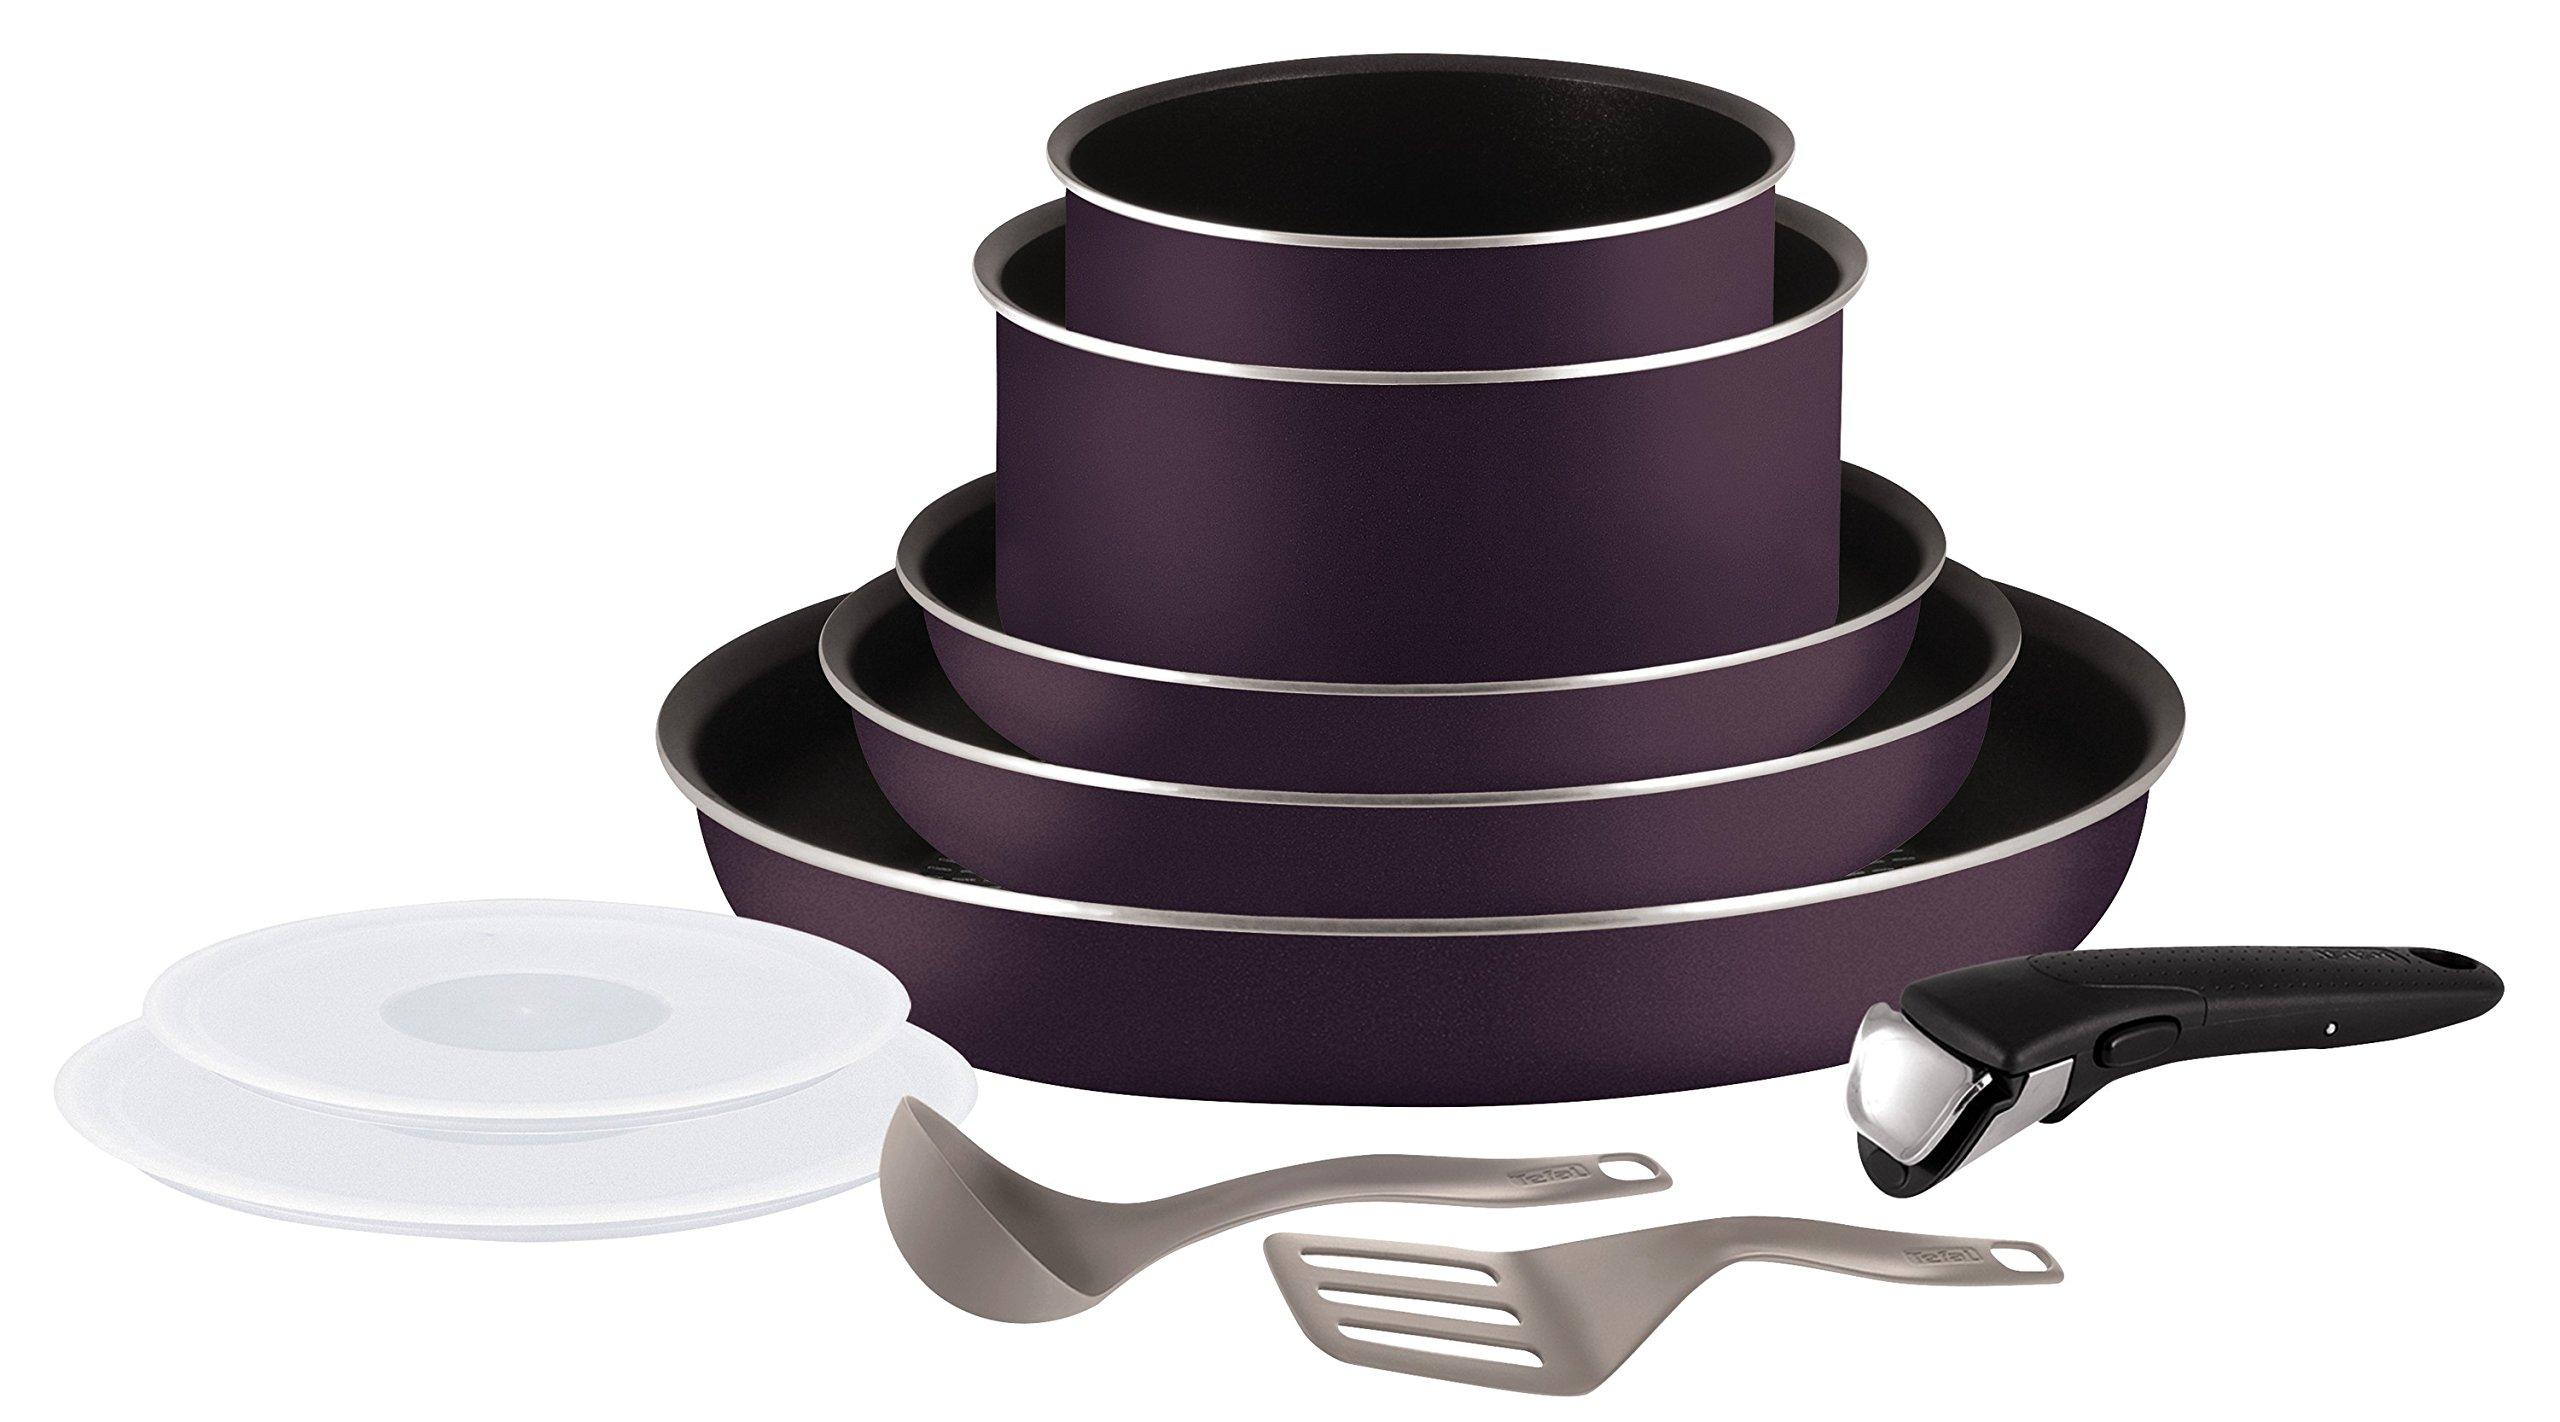 Tefal Set de sartenes (No compatible para inducción) product image